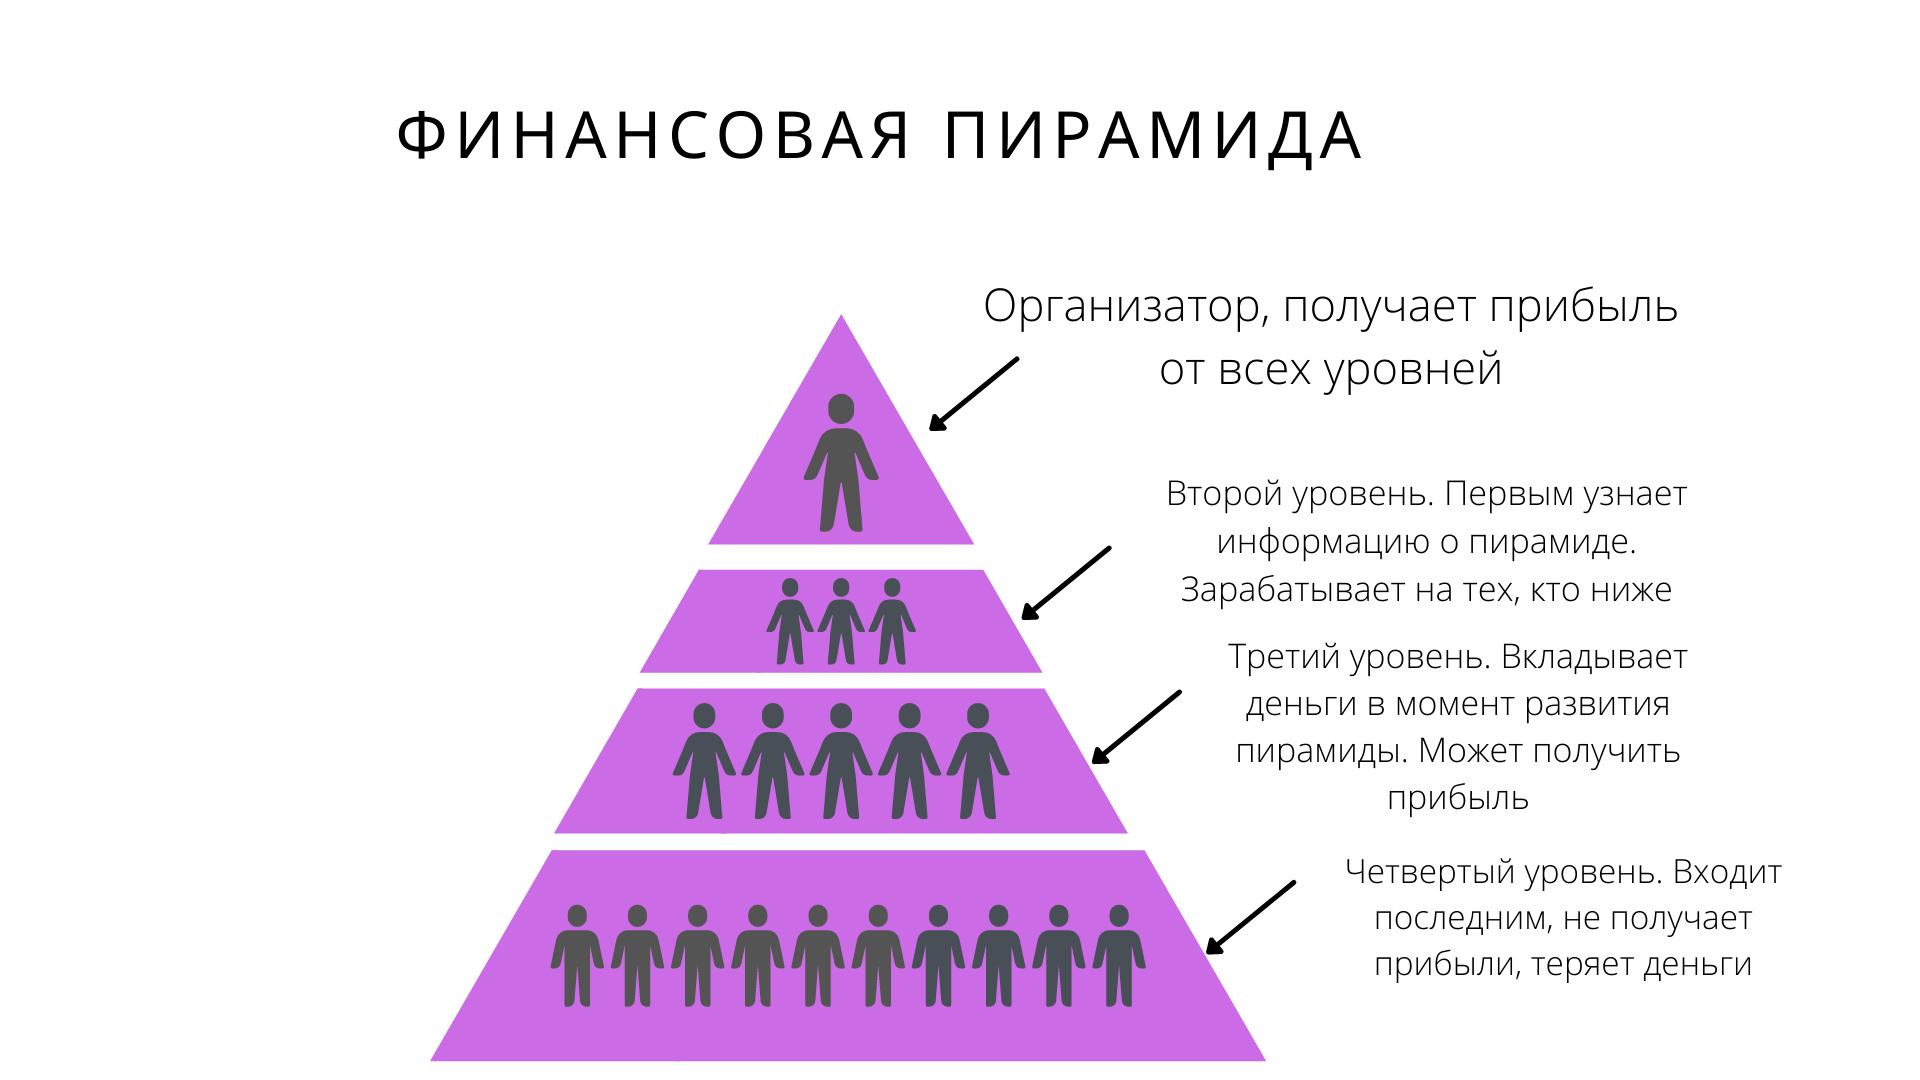 Устройство финансовой пирамиды